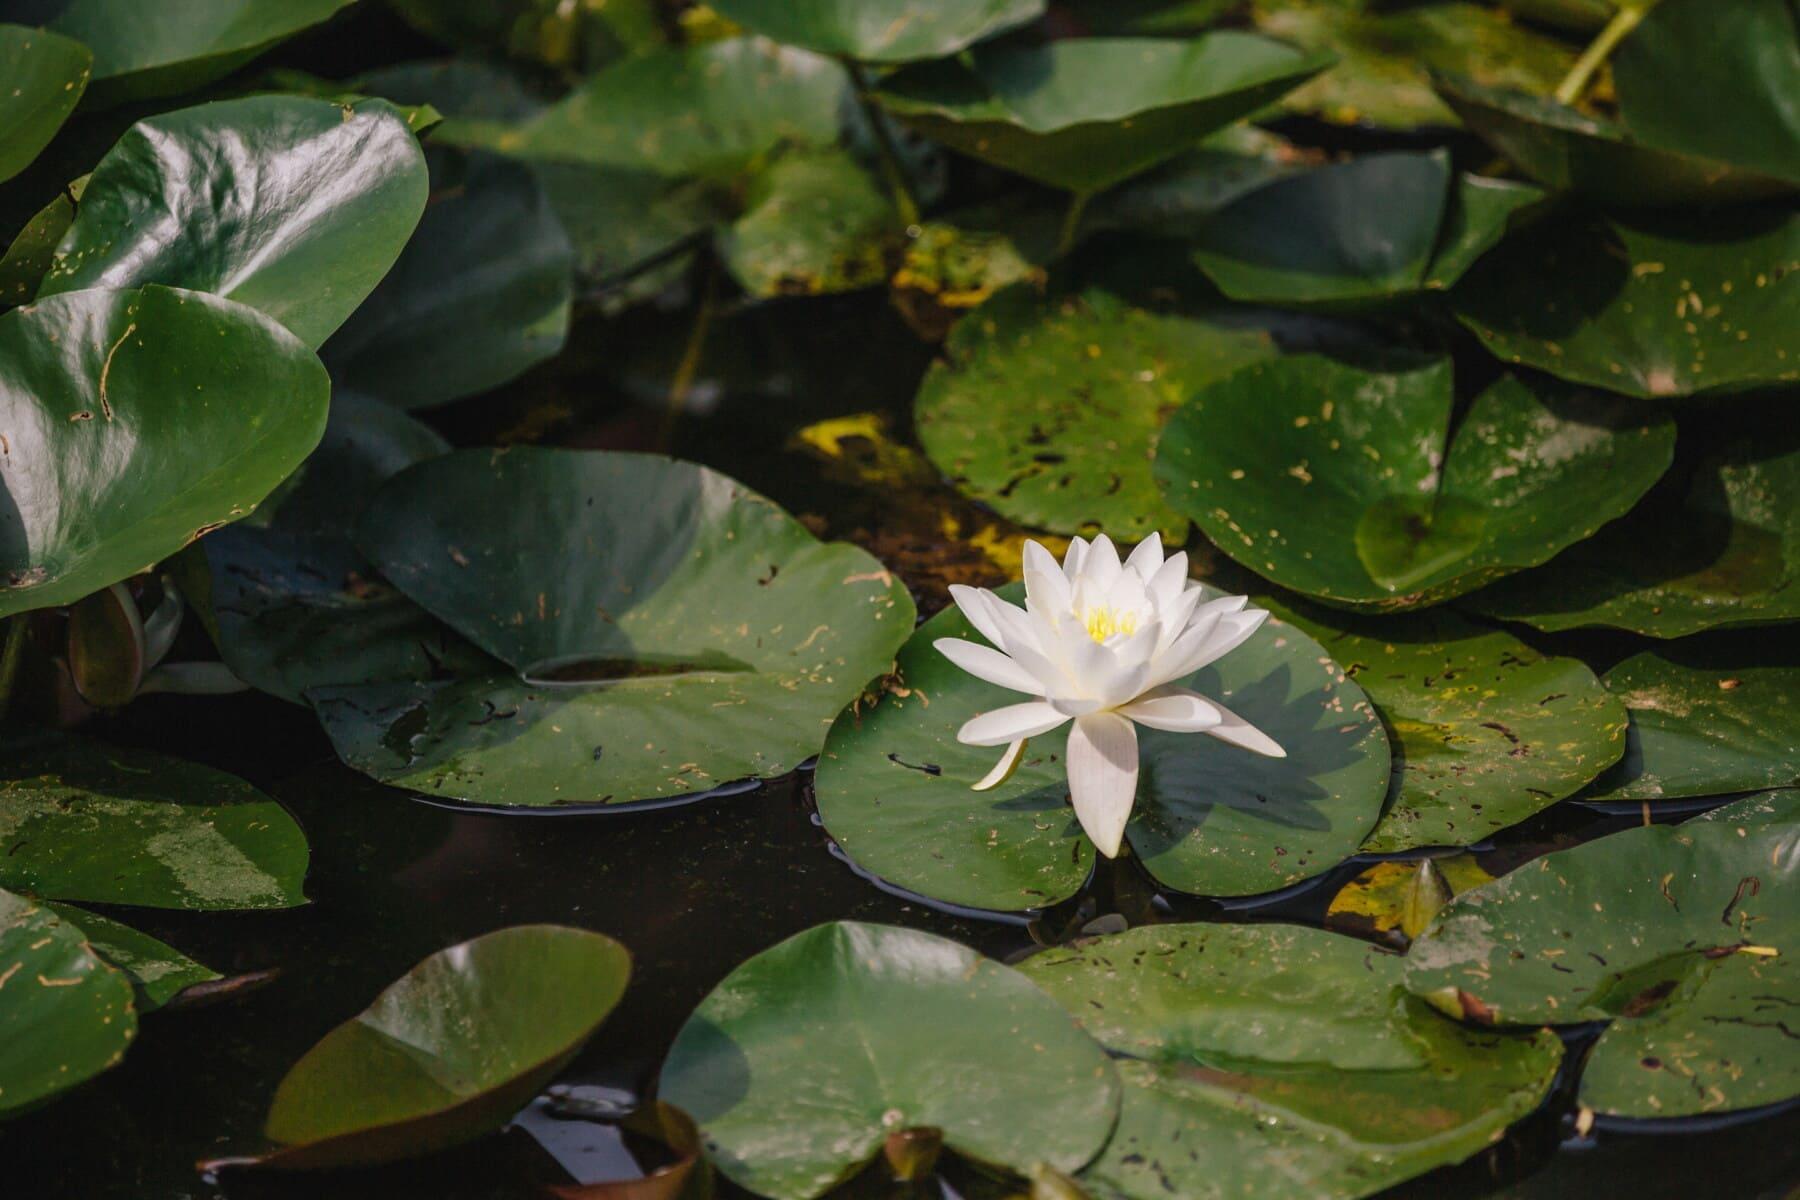 Lotus, fleur blanche, lis d'eau, jardin, nature, fleur, piscine, feuille, fleur, plante